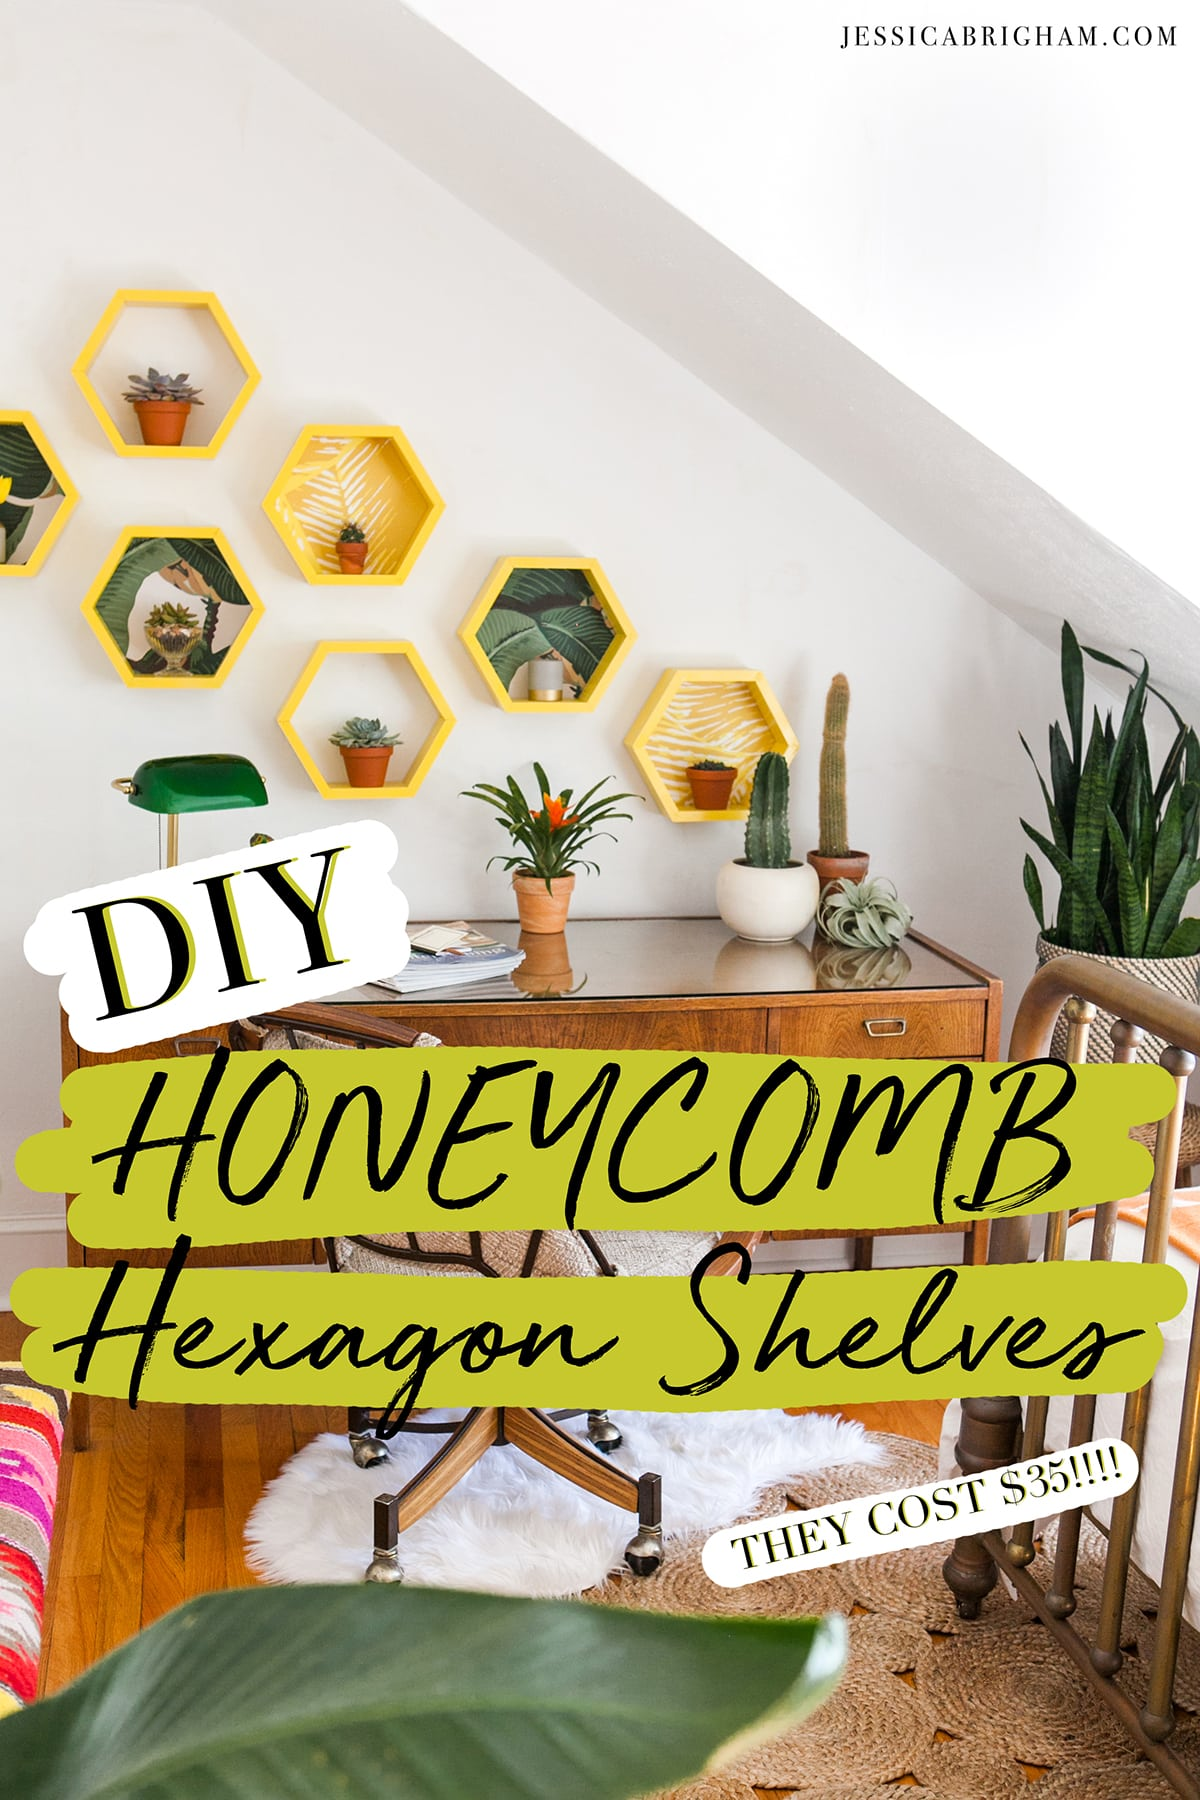 DIY Honeycomb Hexagon Shelves   How to Build Shelves   Jessica Brigham   Magazine Ready for Life